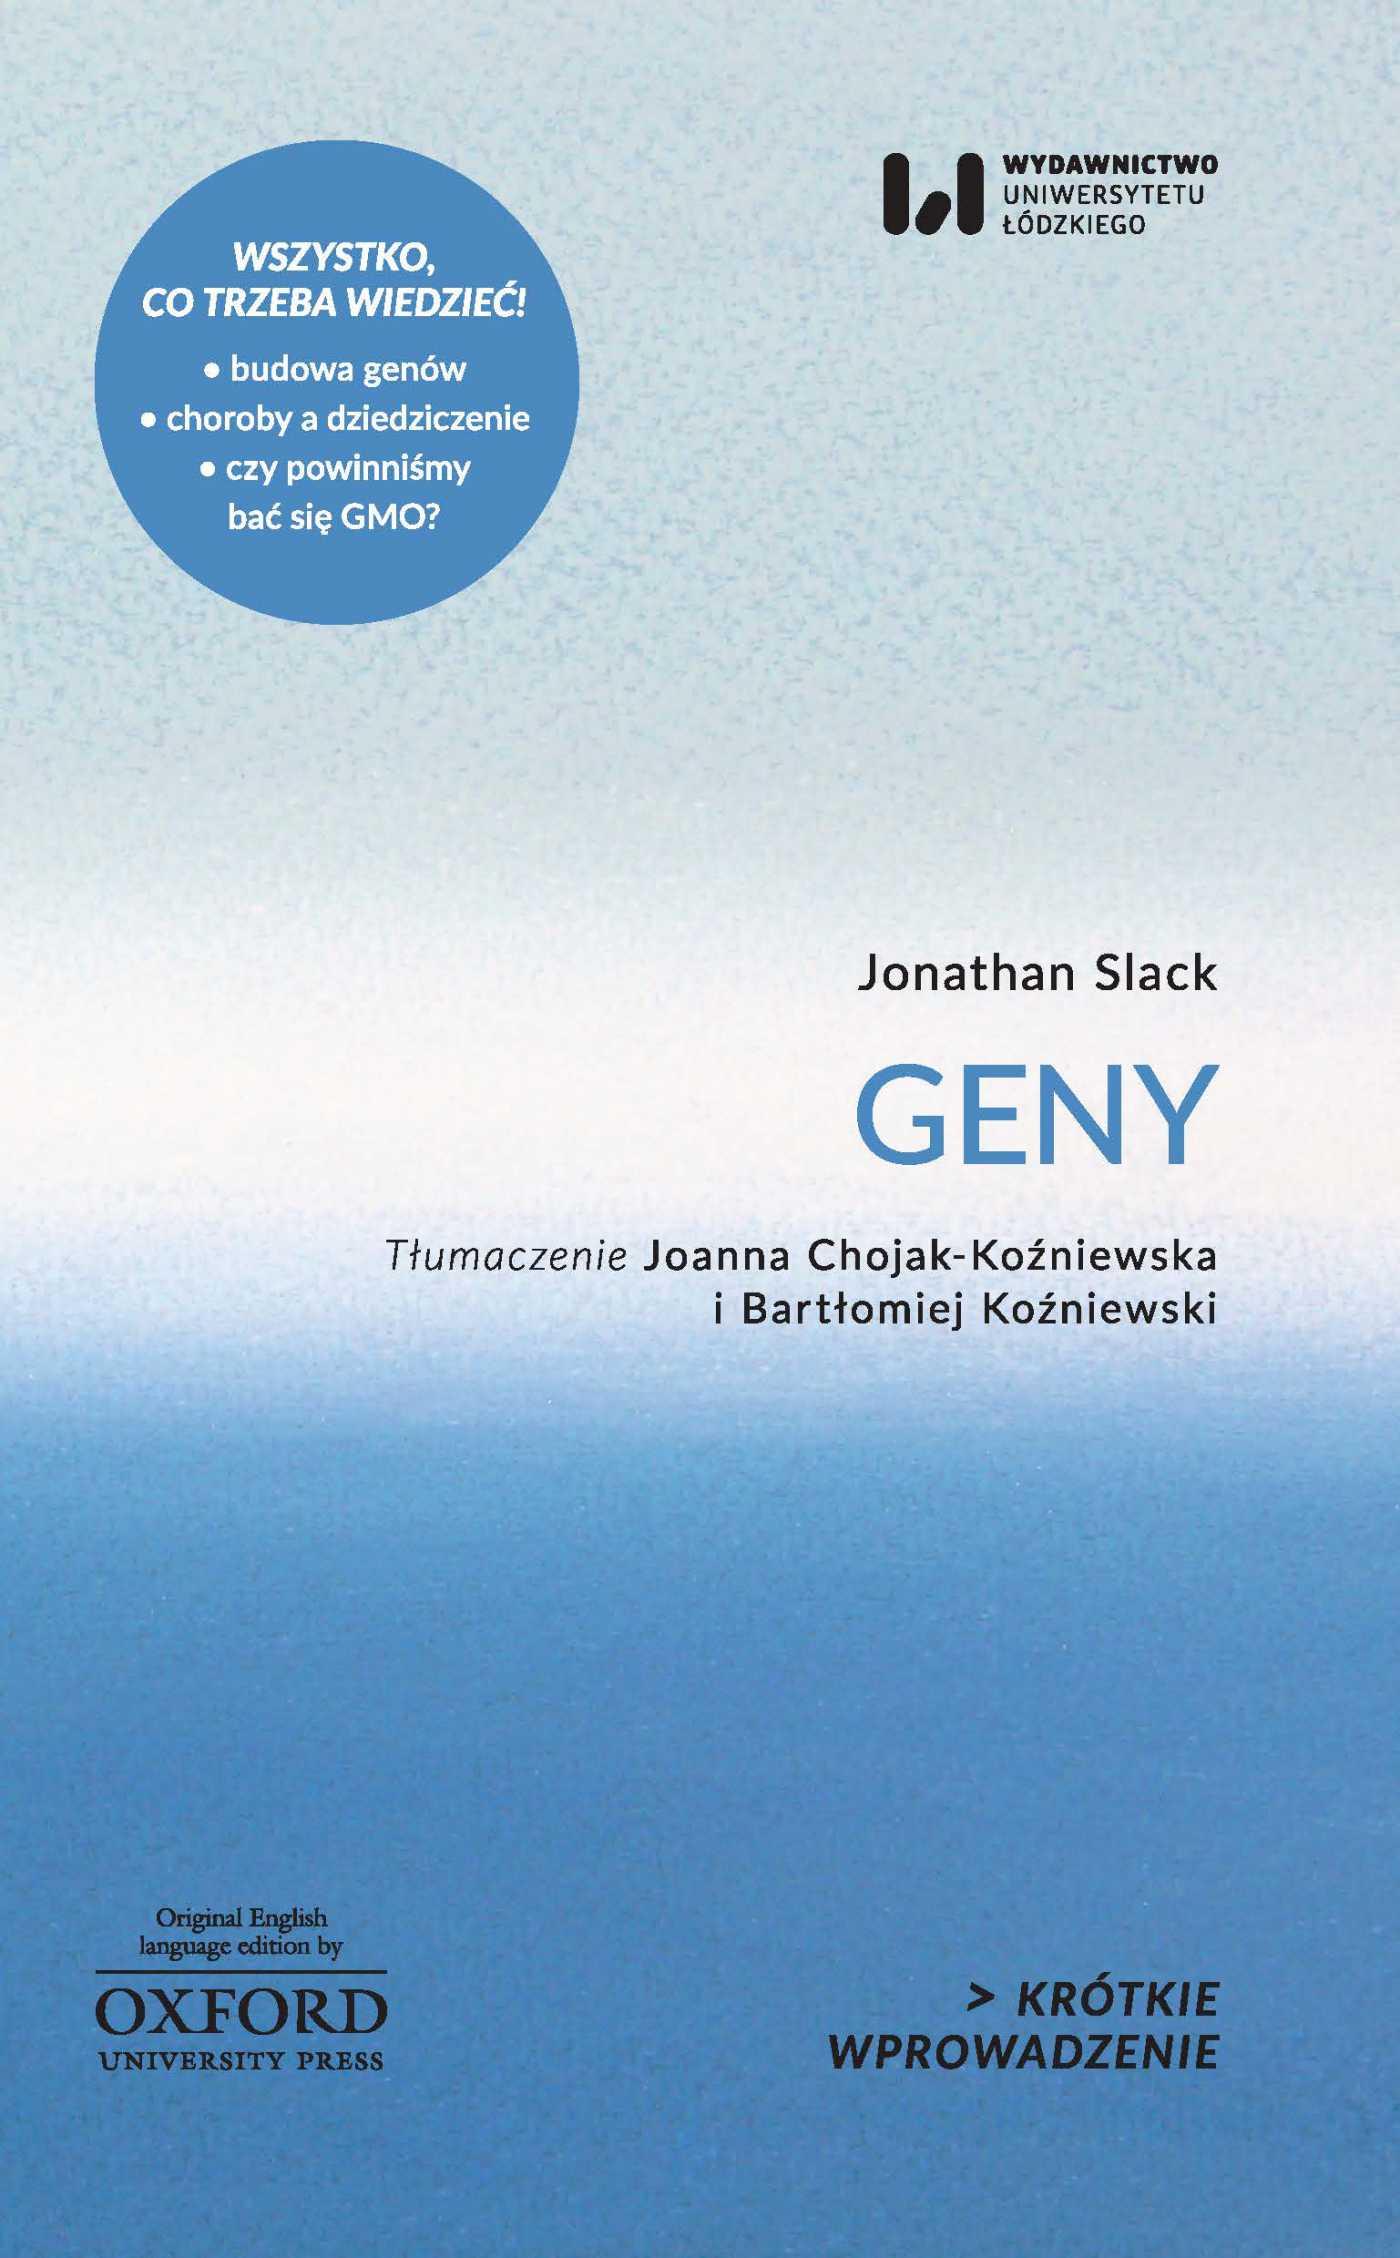 Geny. Krótkie Wprowadzenie 6 - Ebook (Książka na Kindle) do pobrania w formacie MOBI